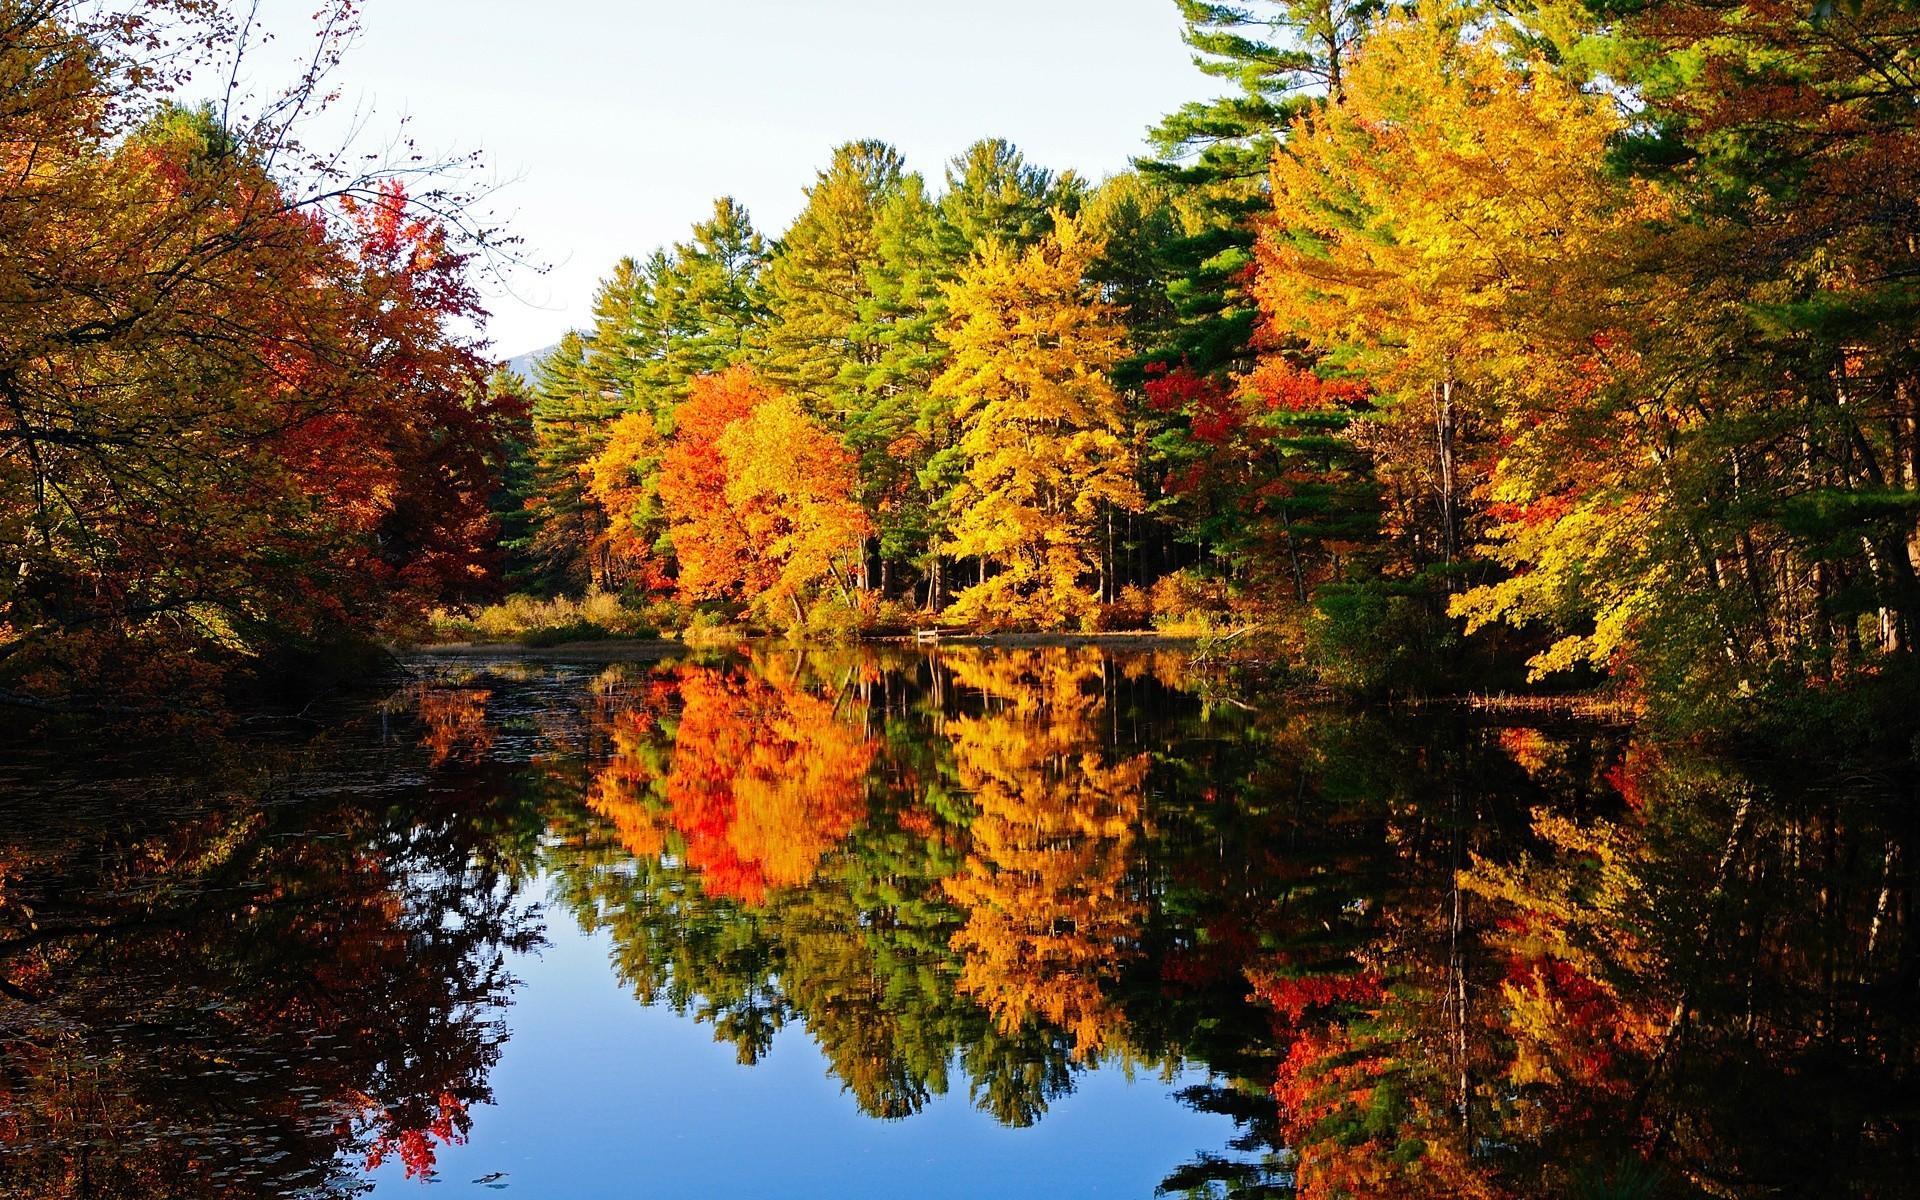 очень красивые картинки про осень этой странице